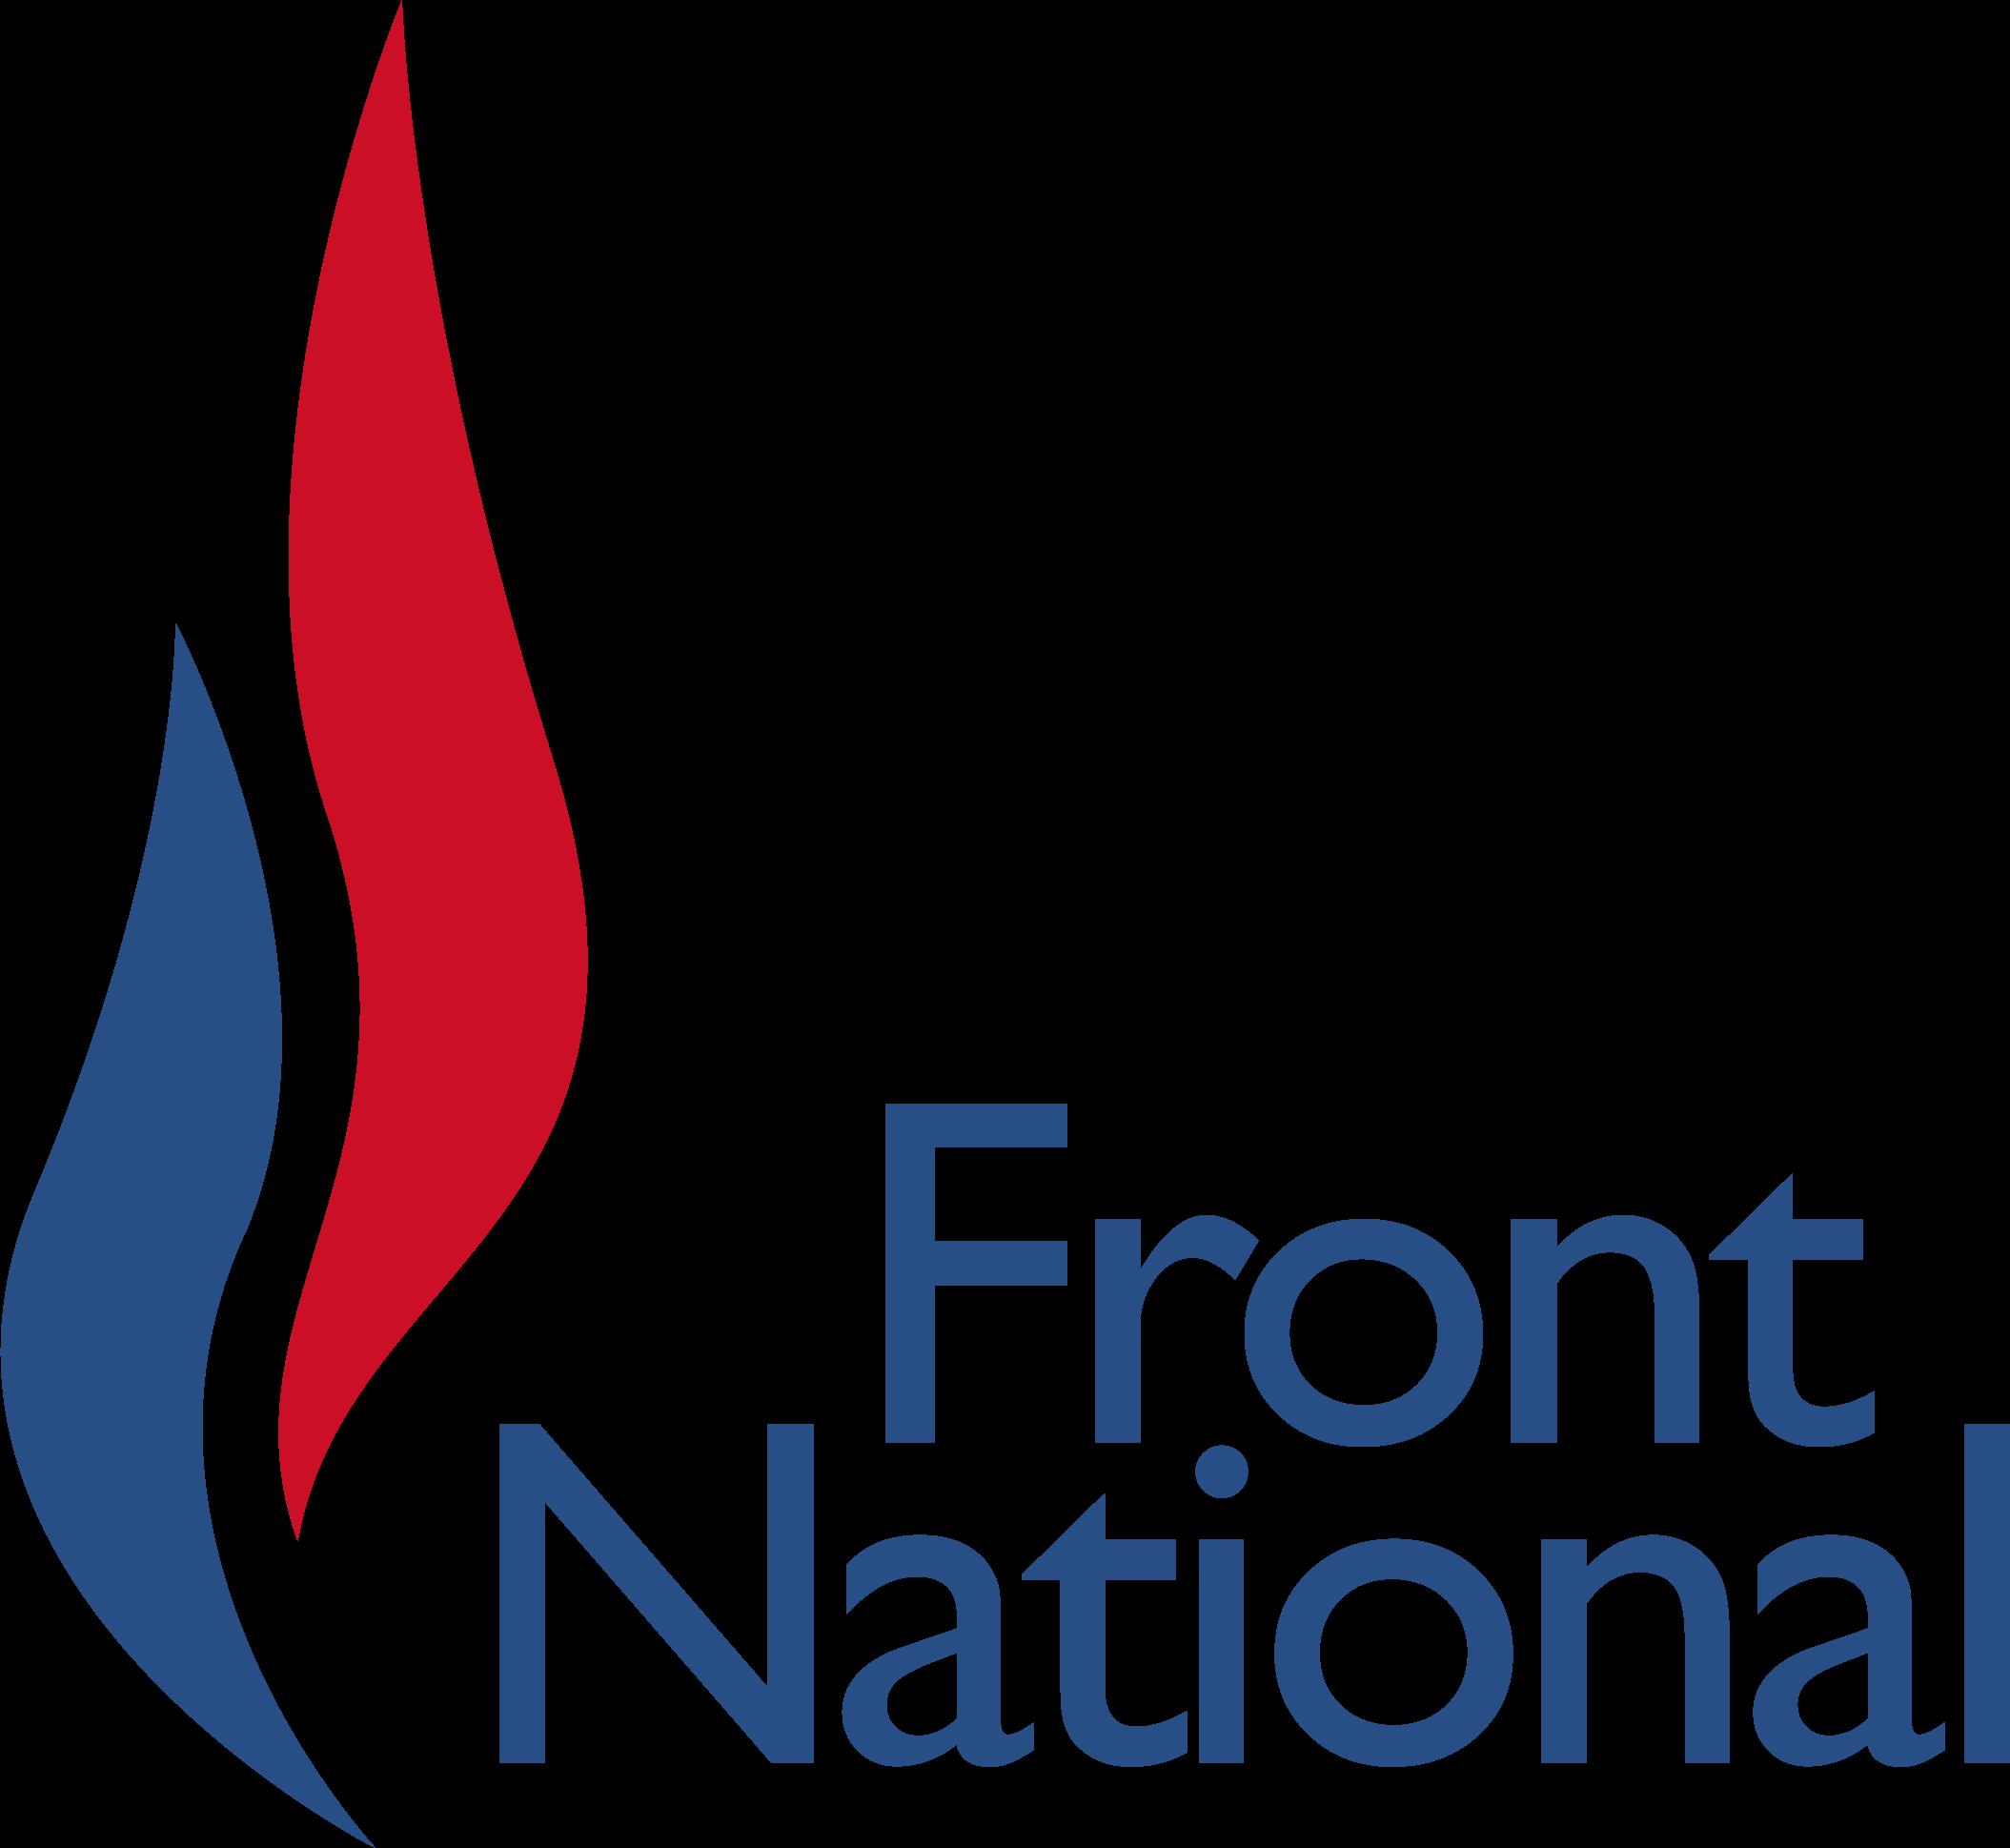 """FNJ : """"Critique de la submersion migratoire dans une perspective marxienne"""" (sic)"""